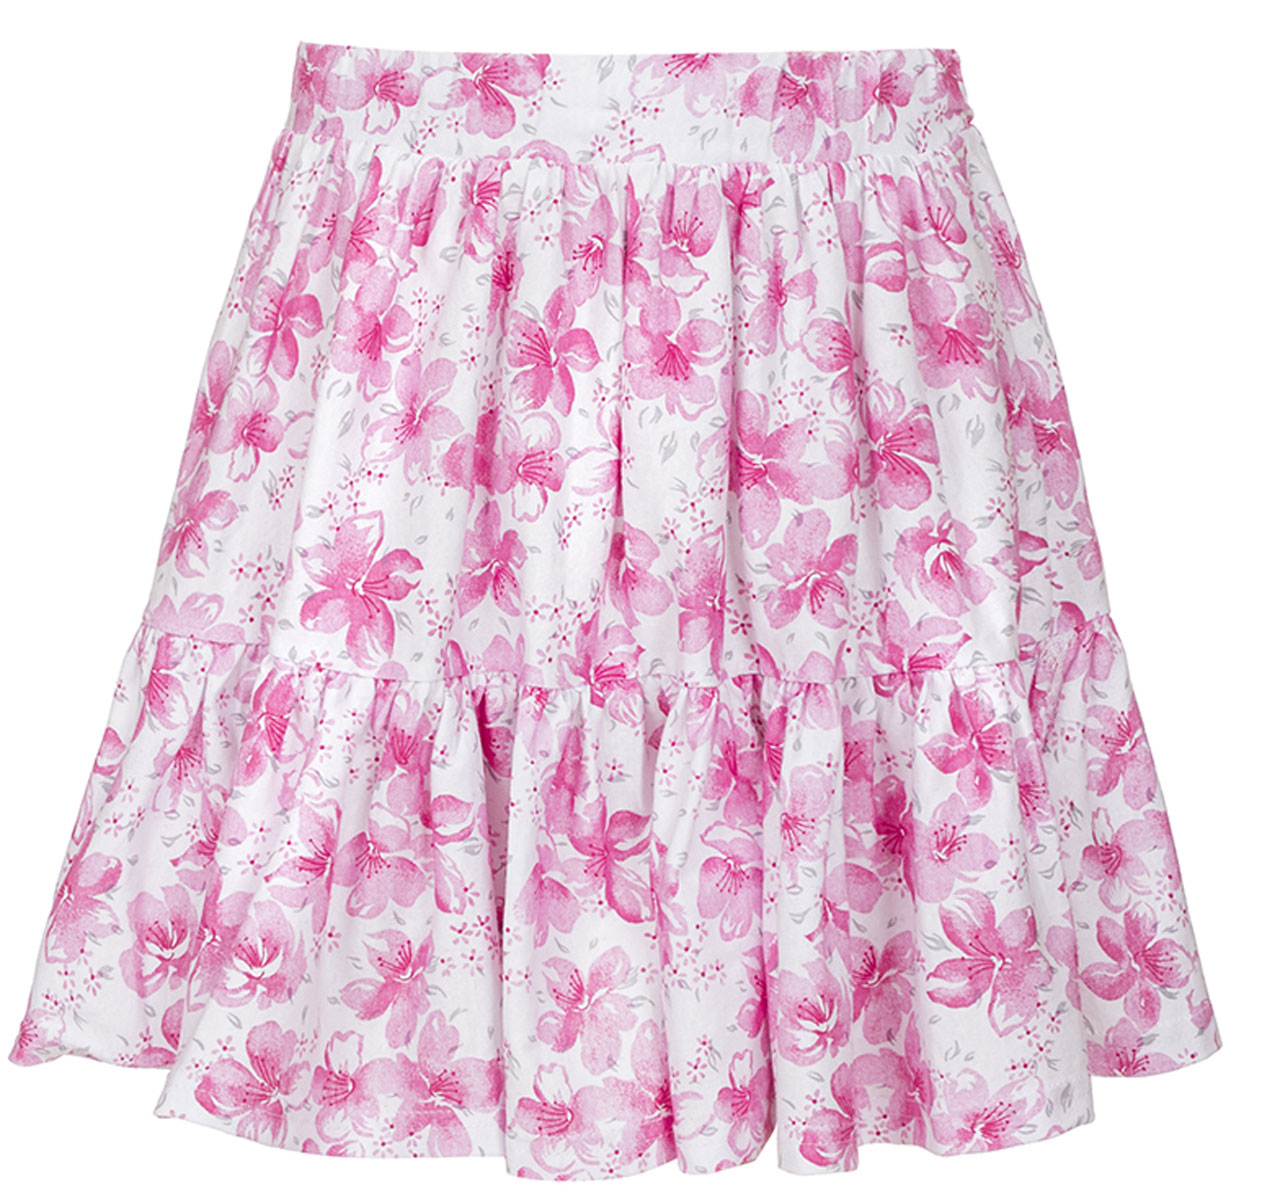 Юбка для девочки M&D, цвет: белый, розовый. SJA27050M77. Размер 104SJA27050M77Юбка для девочки M&D исполнена из 100% натурального хлопка.Модель имеет мягкую резинку, надежно фиксирующую юбку и не сдавливающую животик ребенка. Ткань оформлена ярким принтом в цветочек. Модная и не стесняющая движений юбка обязательно понравится ребенку и подарит ему комфорт.